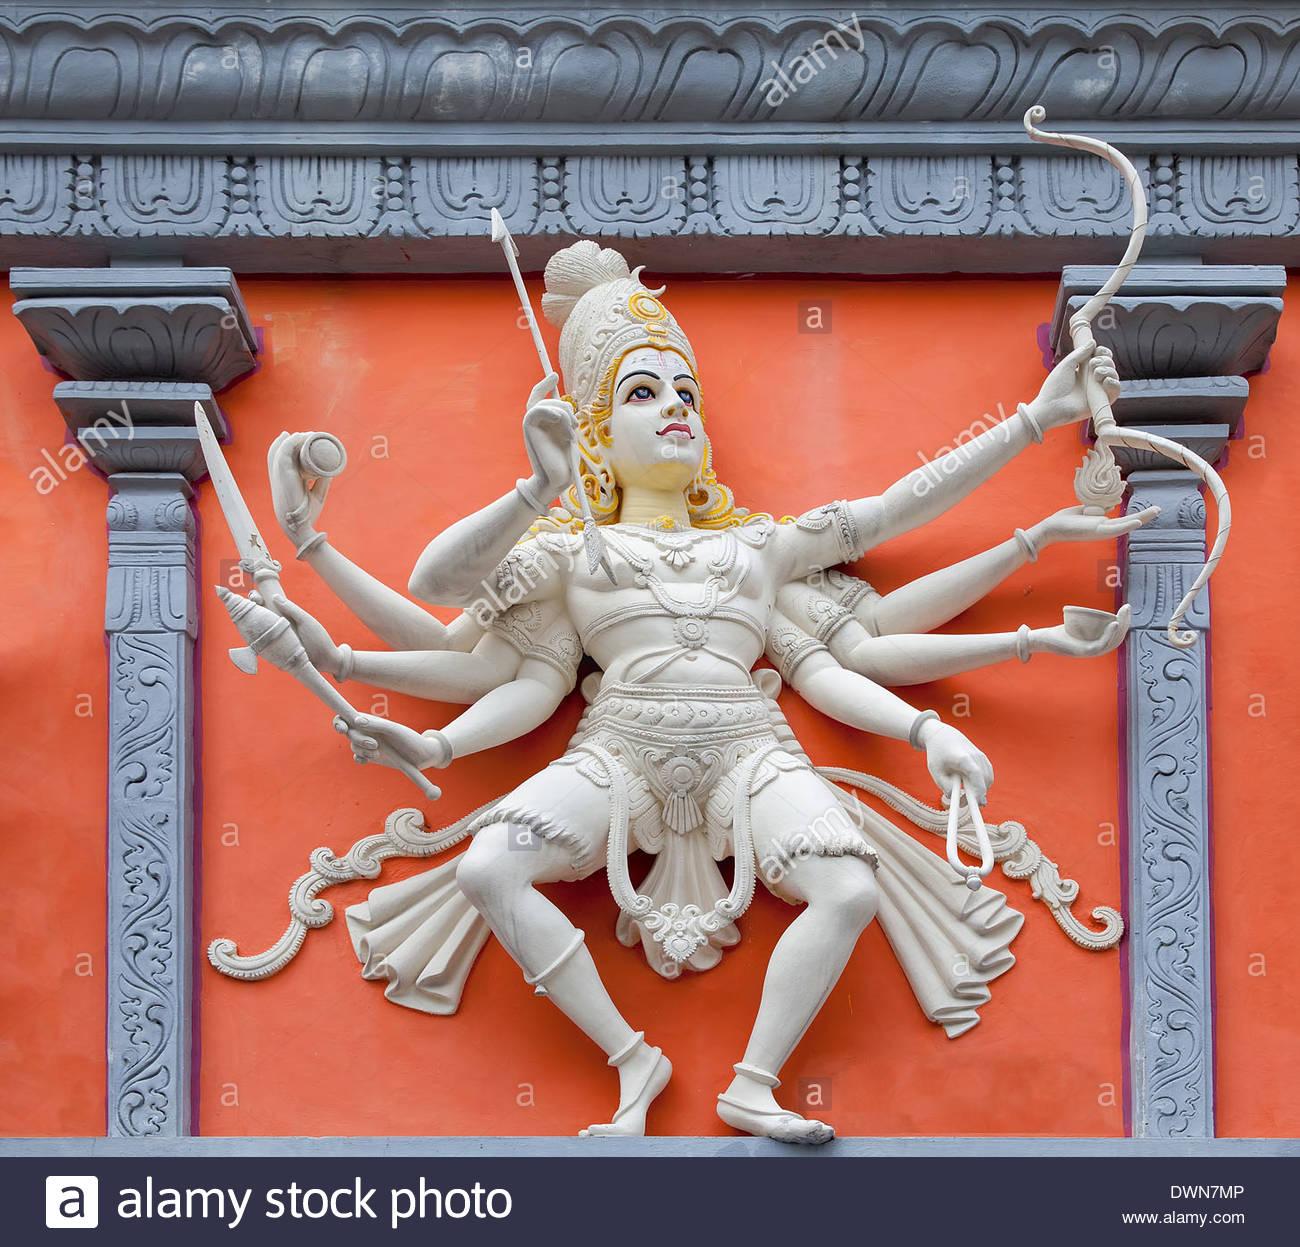 Symbols Hindu Lord Shiva Stock Photos & Symbols Hindu Lord Shiva.